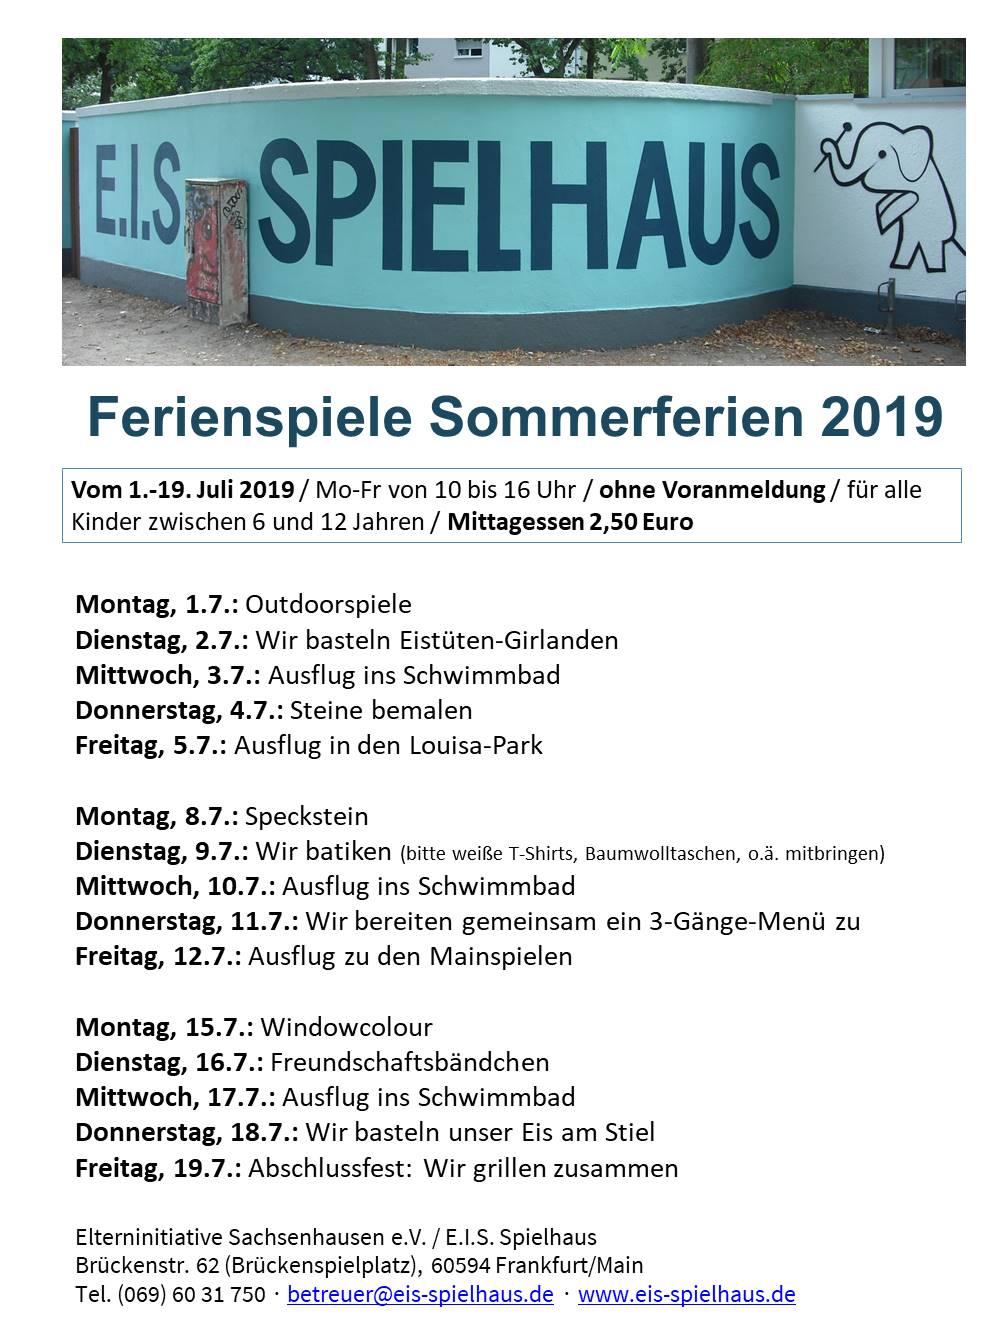 E.I.S. Ferienspiele Sommer 2019